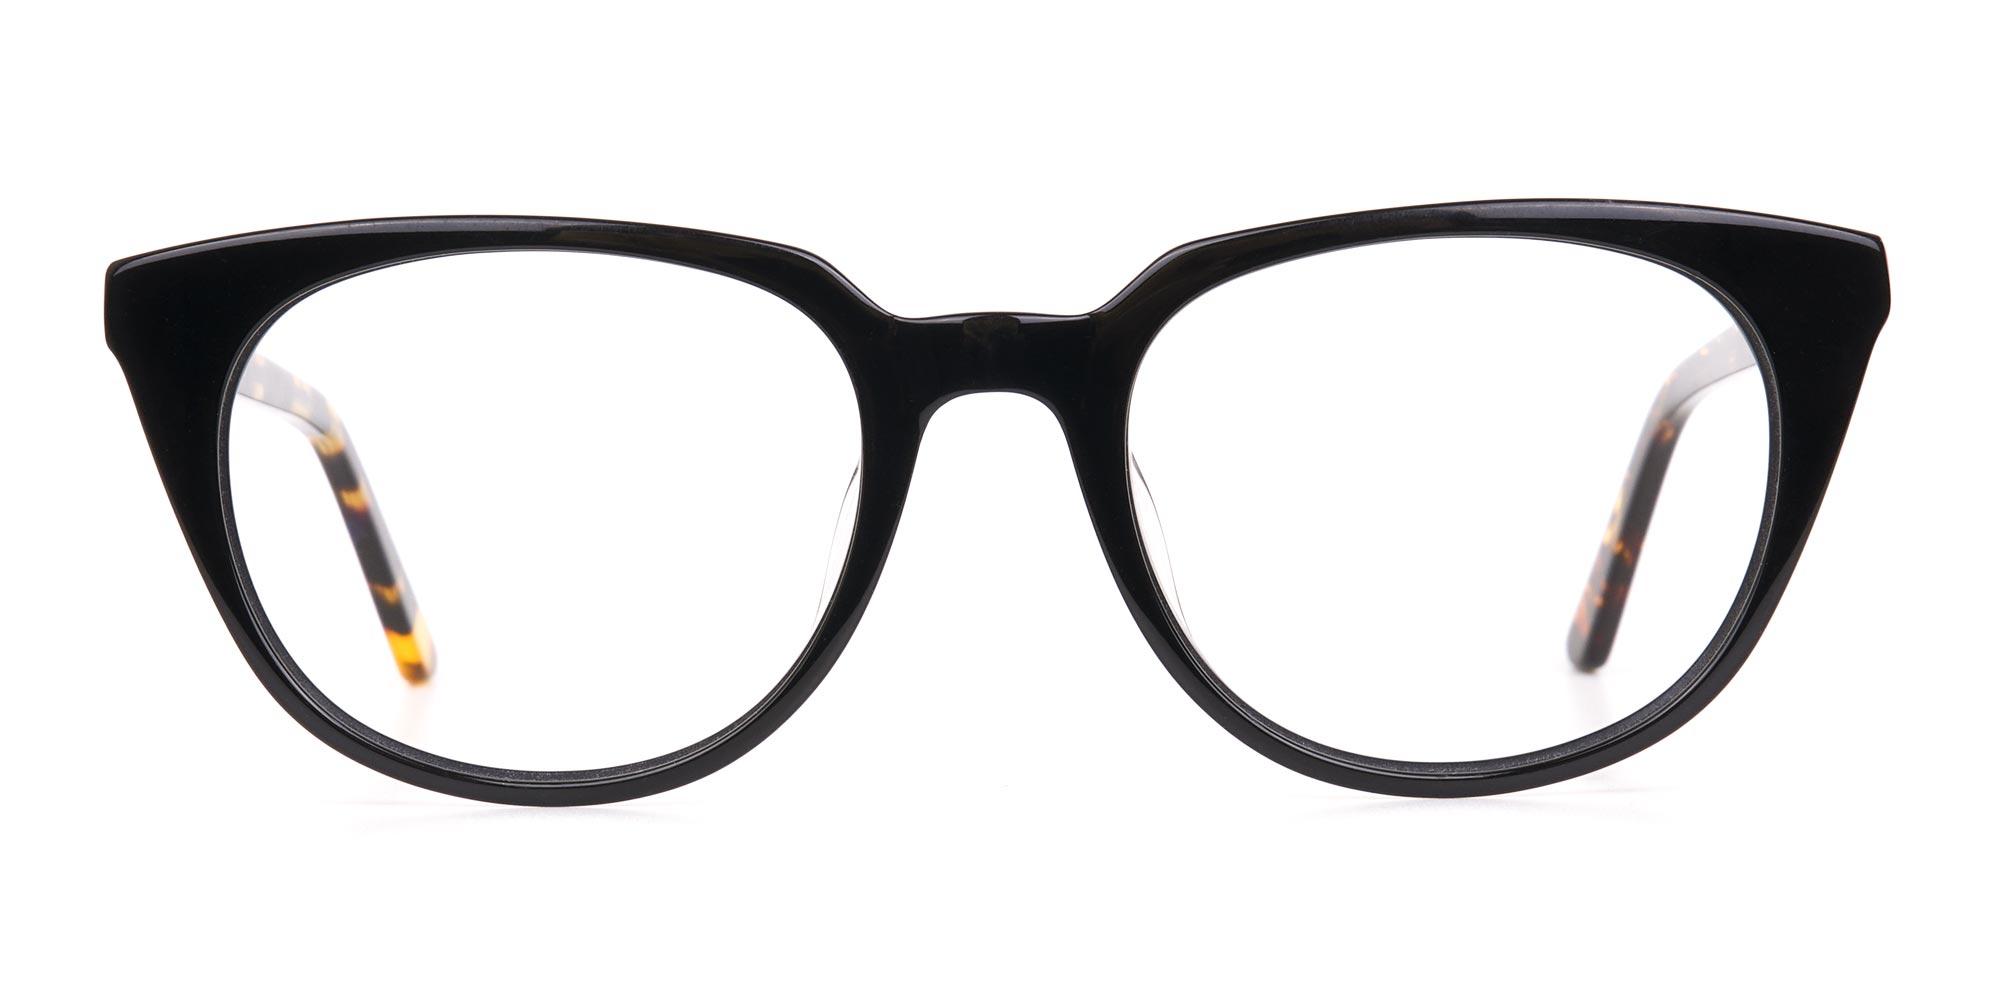 Black Tortoise Cat Eye Glasses for glasses triangle face shape